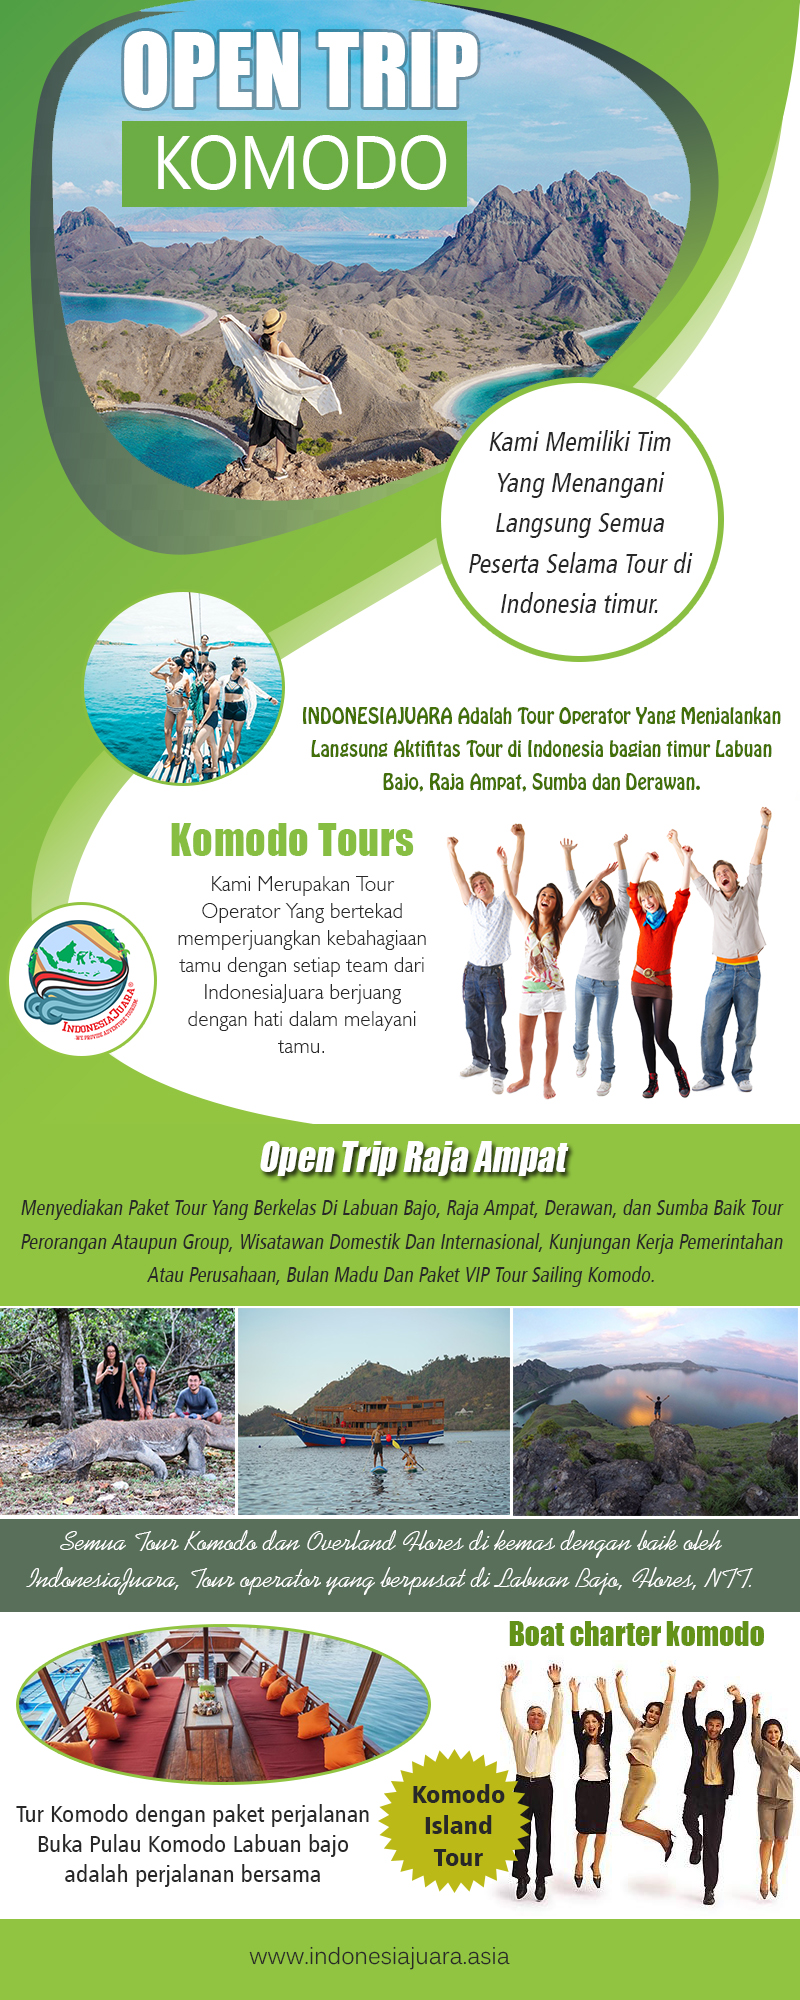 Open Trip Ampat | indonesiajuara.asia